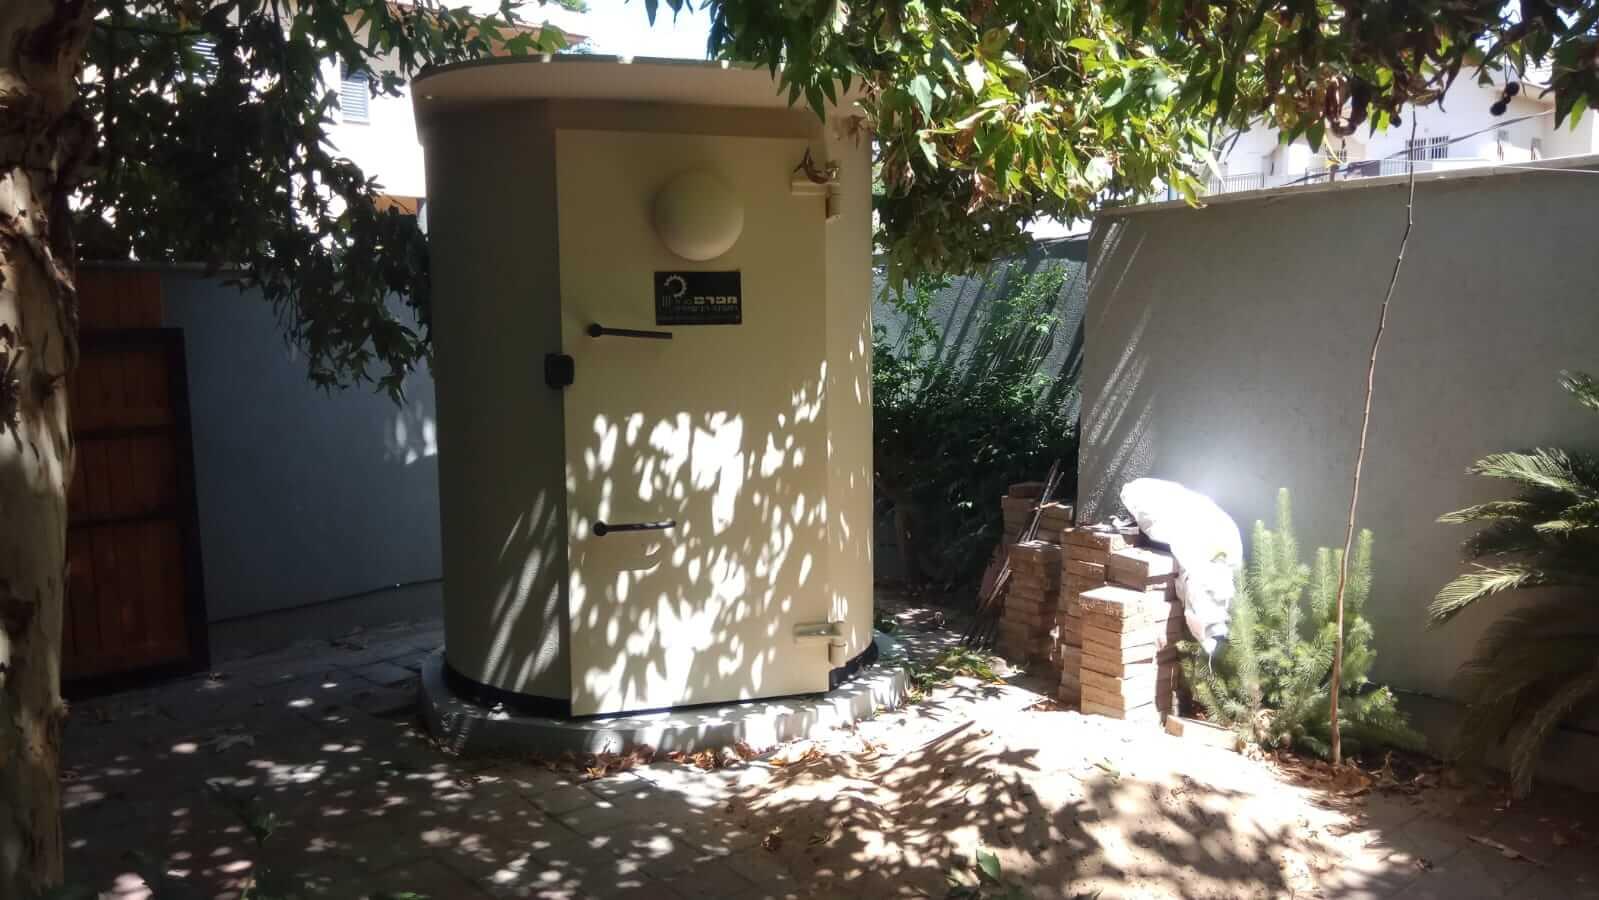 מיגונית בחצר בית ללא הפרעה